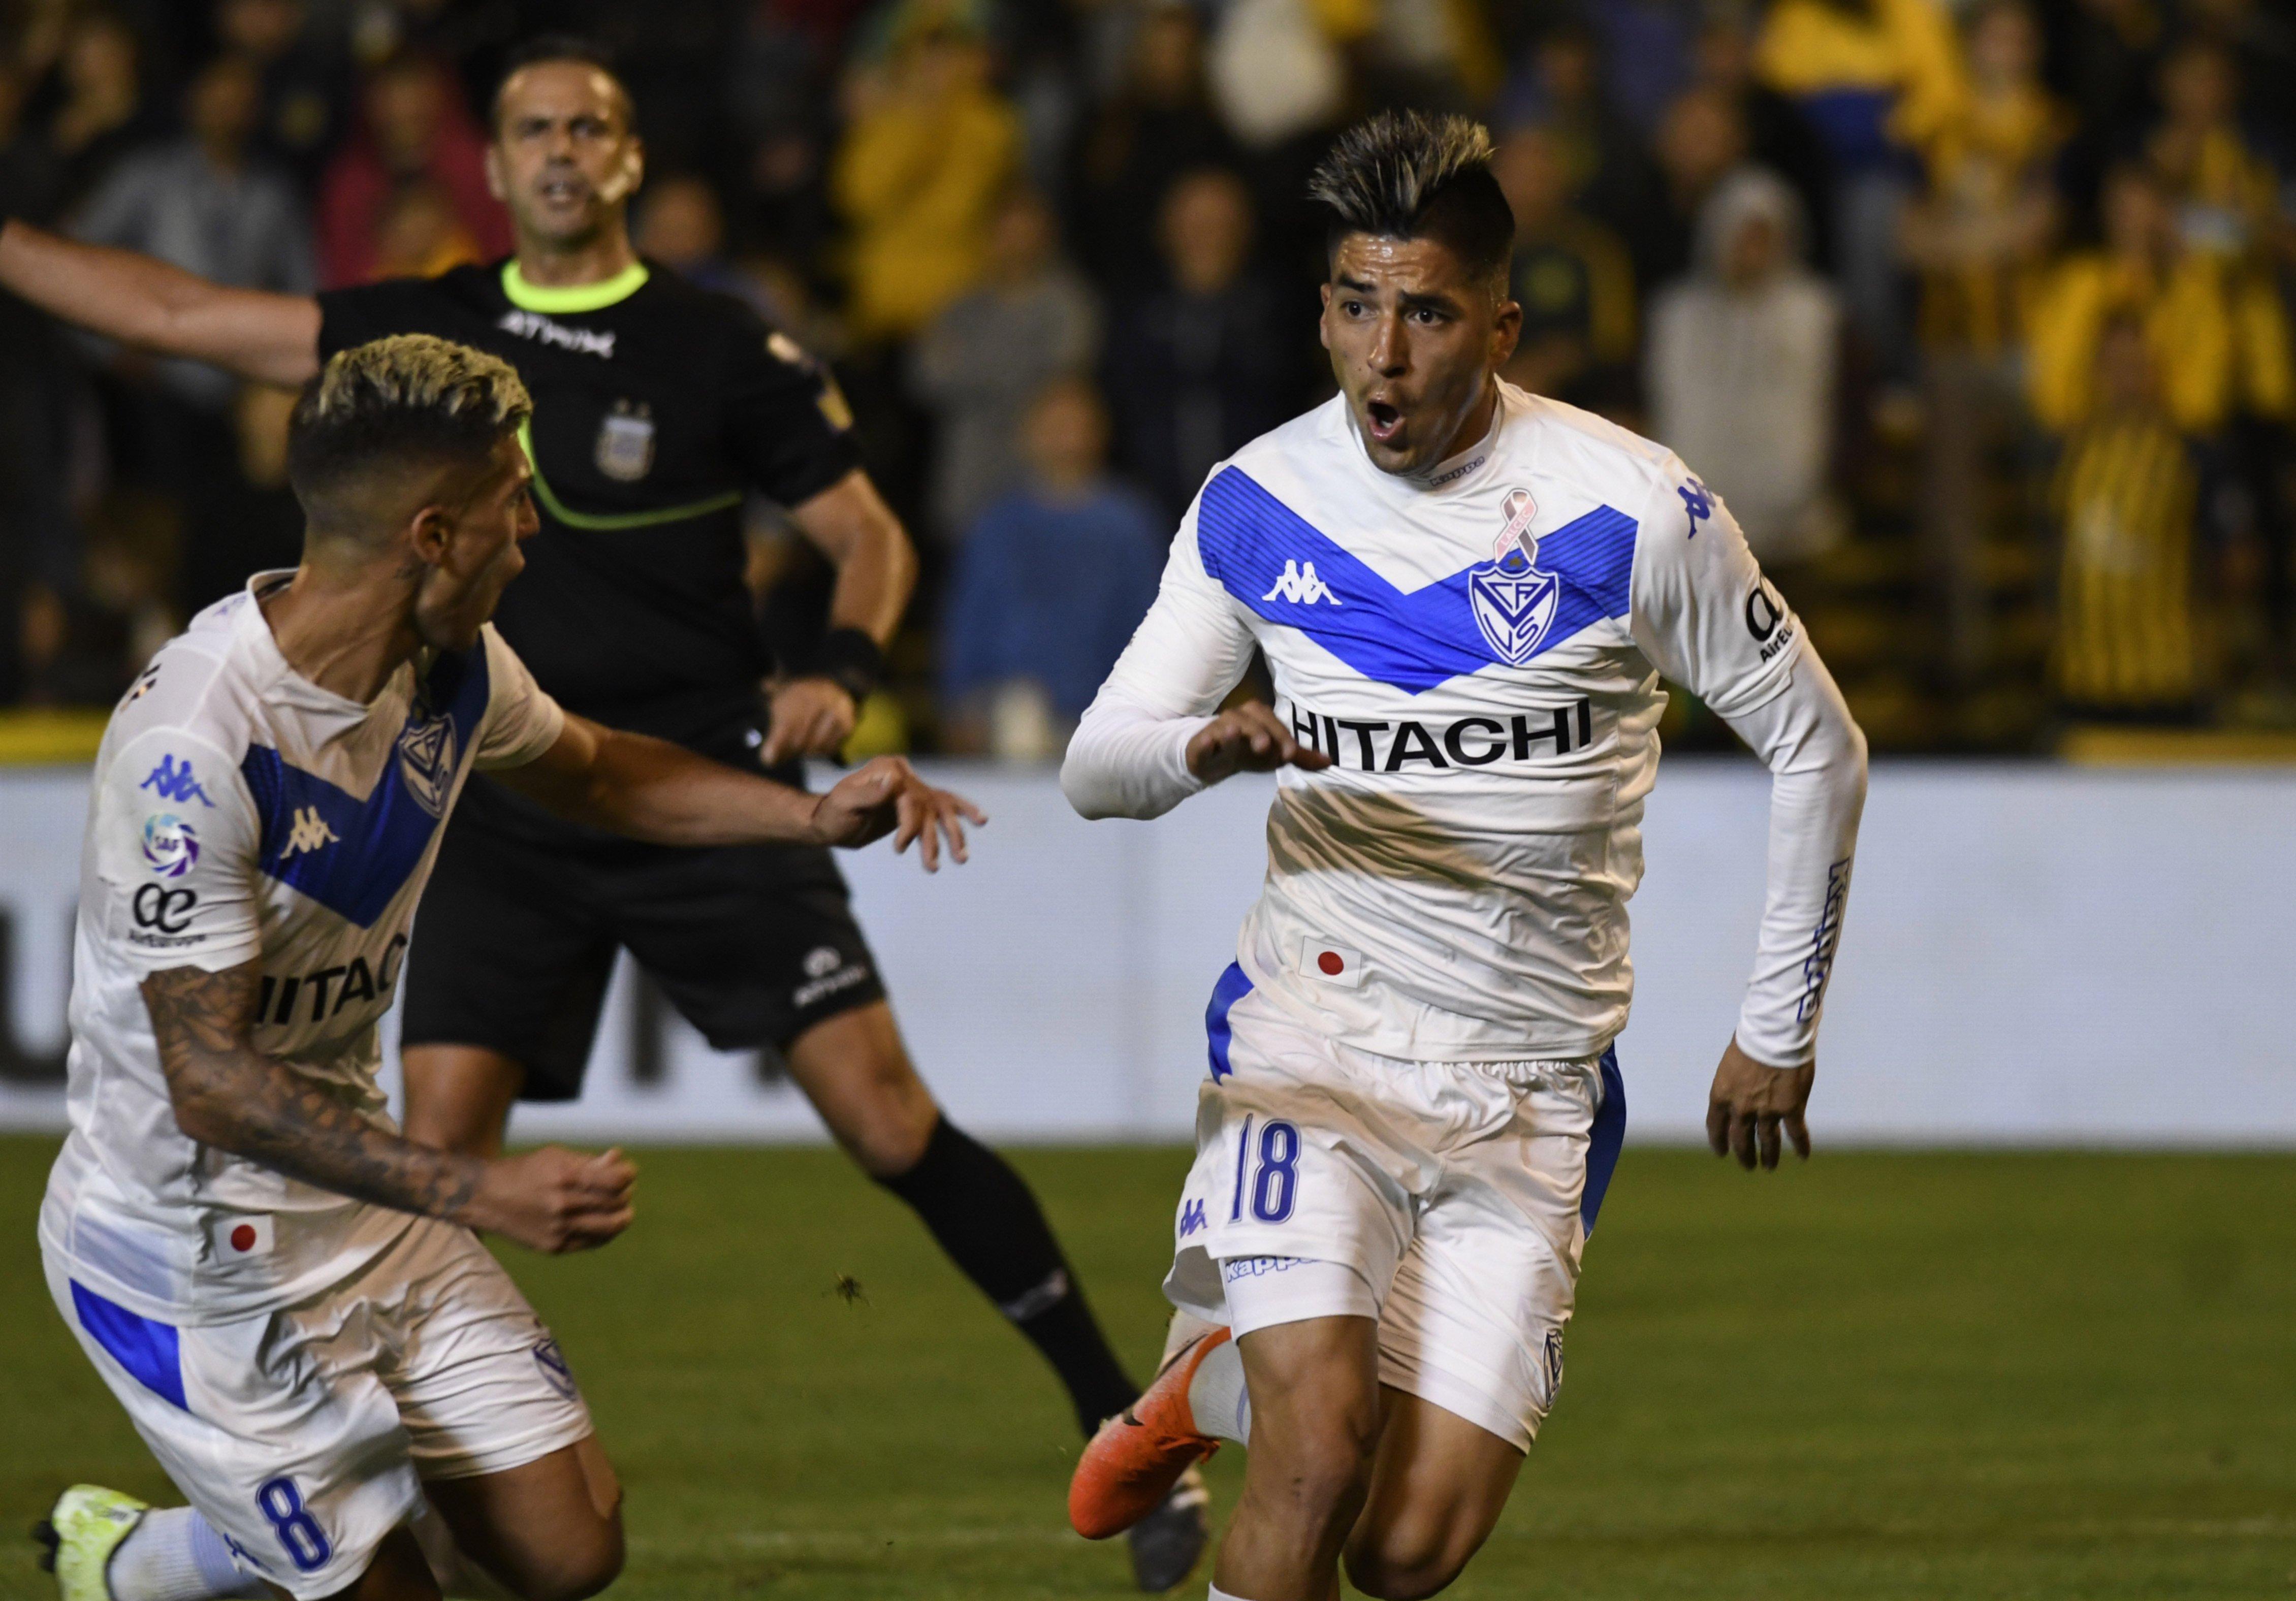 <p>Goleador. Leandro Fernández anotó el gol de la victoria; Nicolás Domínguez lo acompaña.</p>